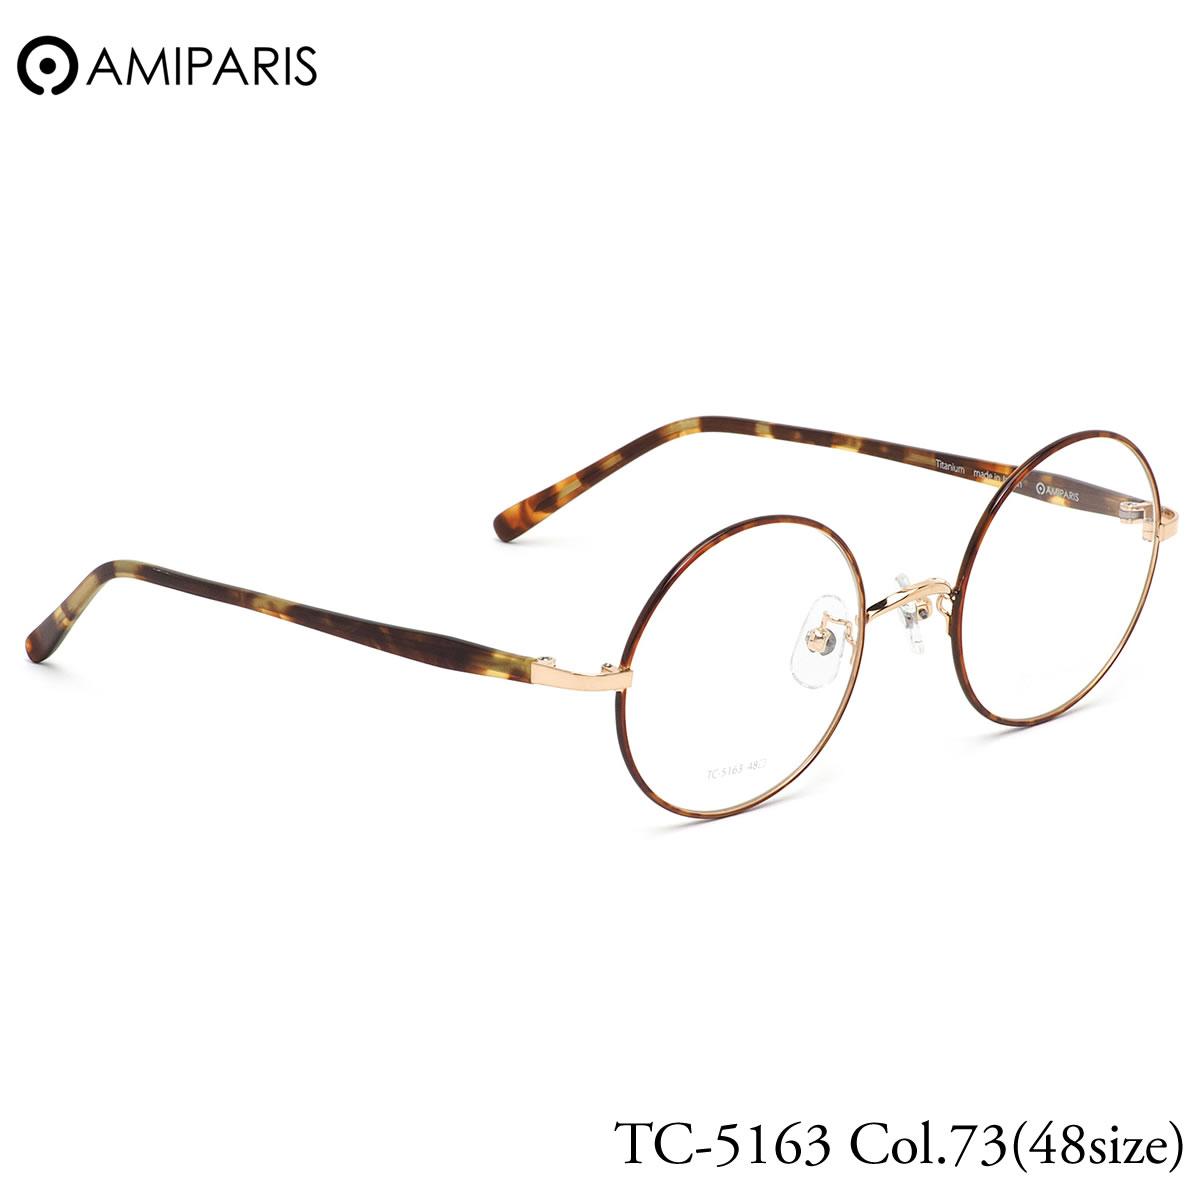 アミパリ AMIPARIS メガネ TC-5163 73 48サイズ ラウンド 丸メガネ チタン 日本製 アミパリ AMIPARIS 伊達メガネレンズ無料 メンズ レディース